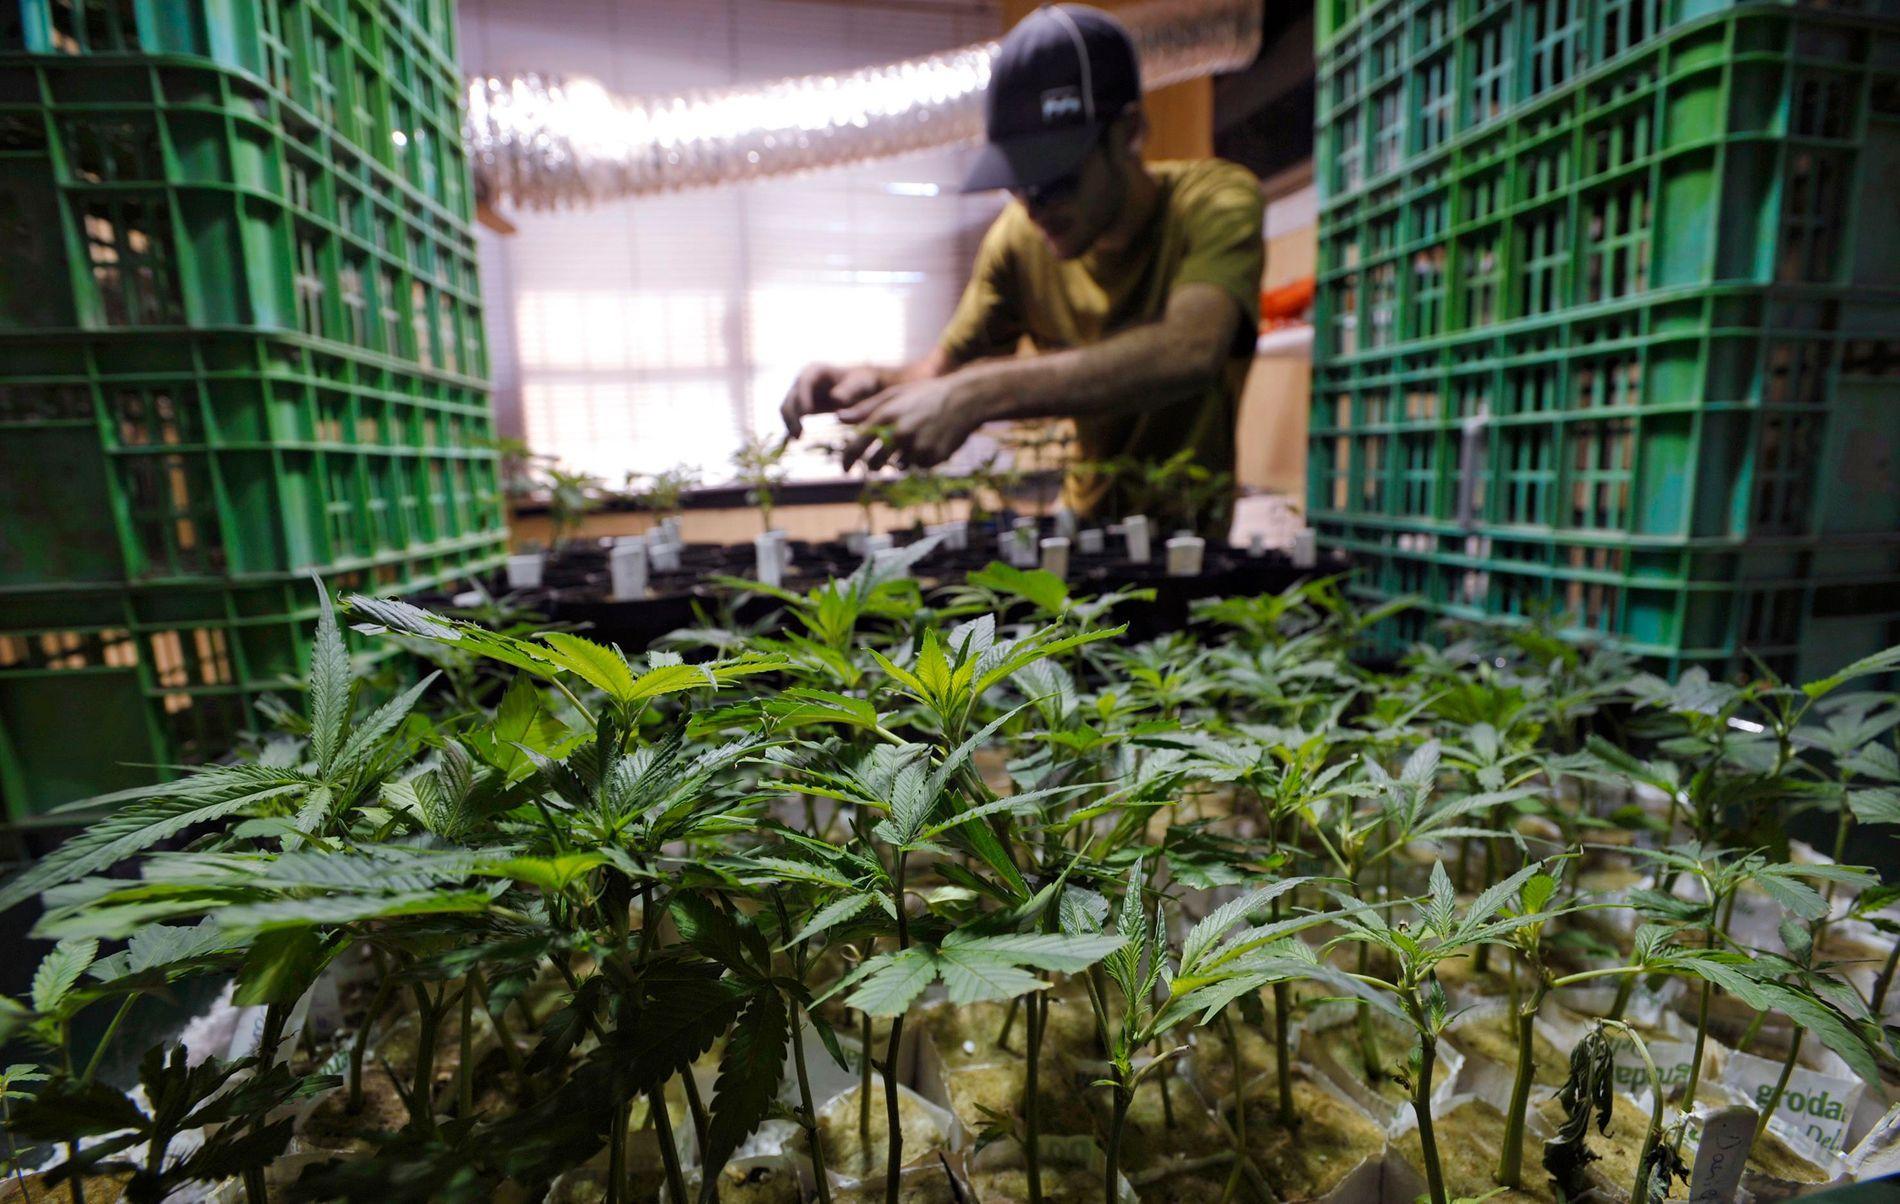 DRIVHUS: Et femtitalls selskaper i Israel produserer marihuana i drivhus som dette i byen Ashkelon.